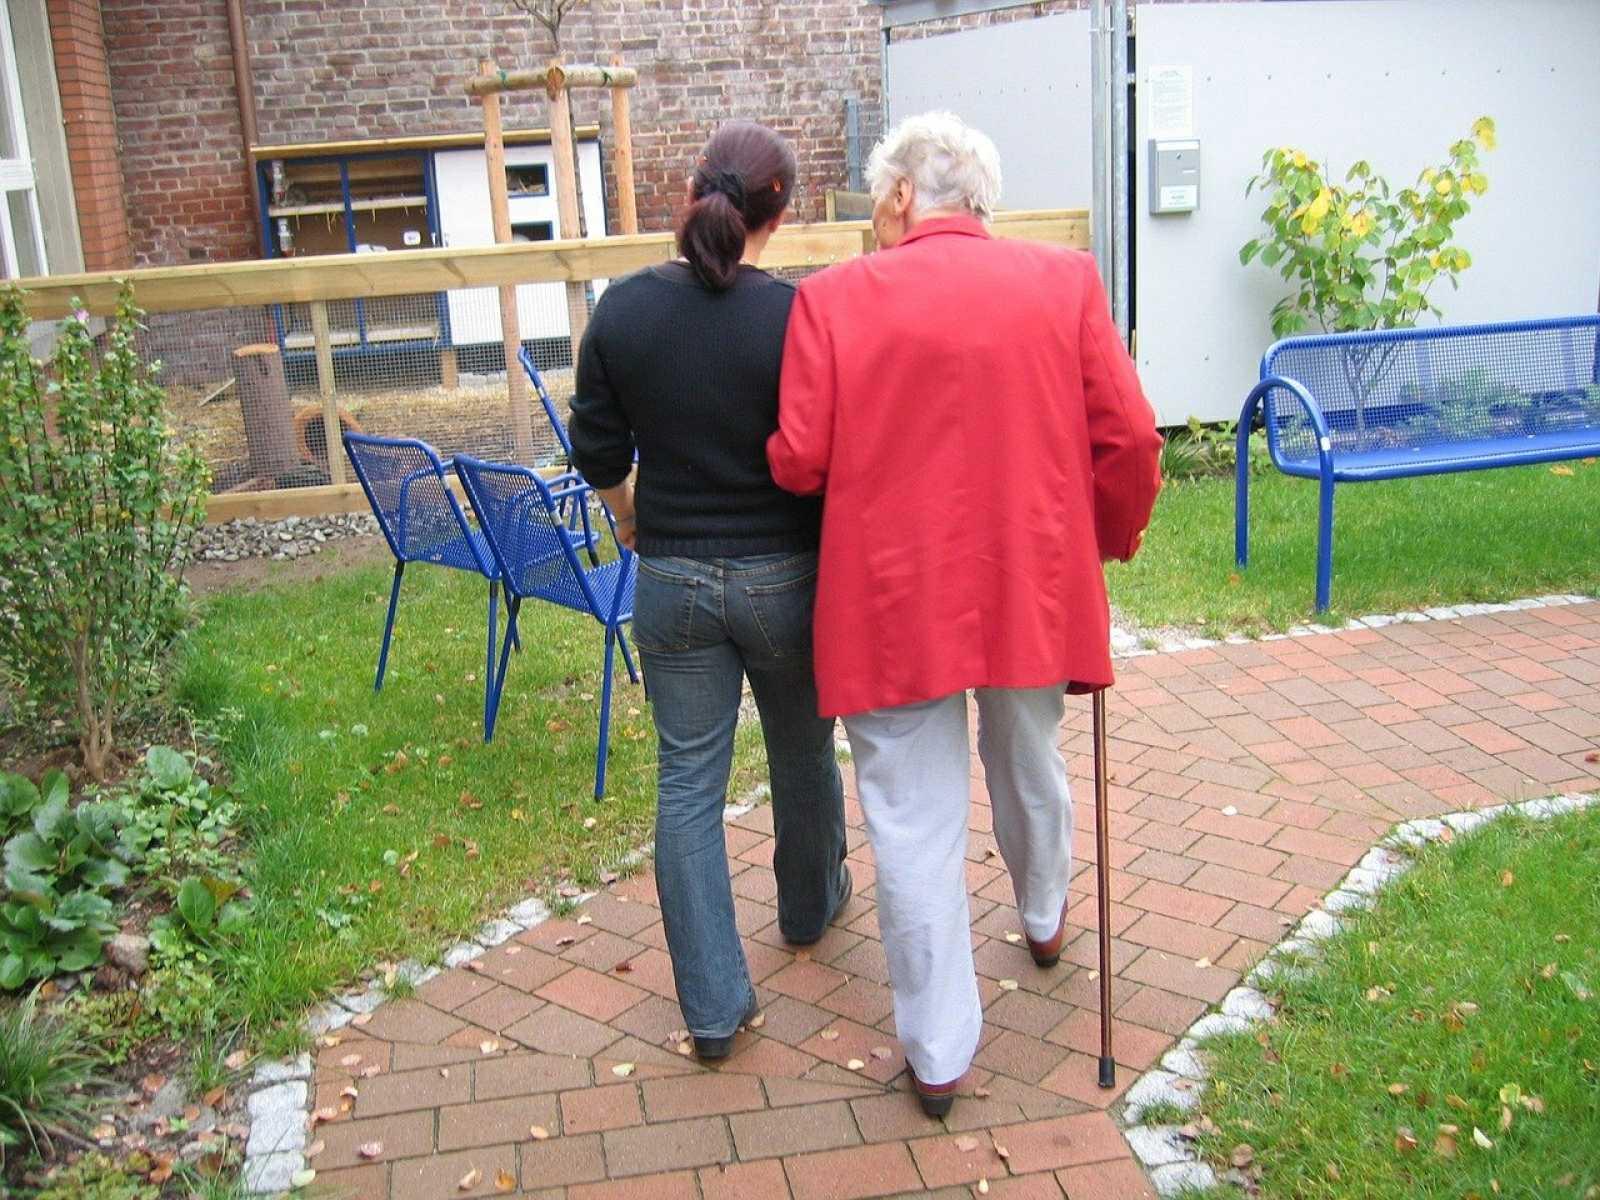 Cuaderno mayor - Importancia del cuidado psicosocial de los mayores - 10/11/20 - Escuchar ahora